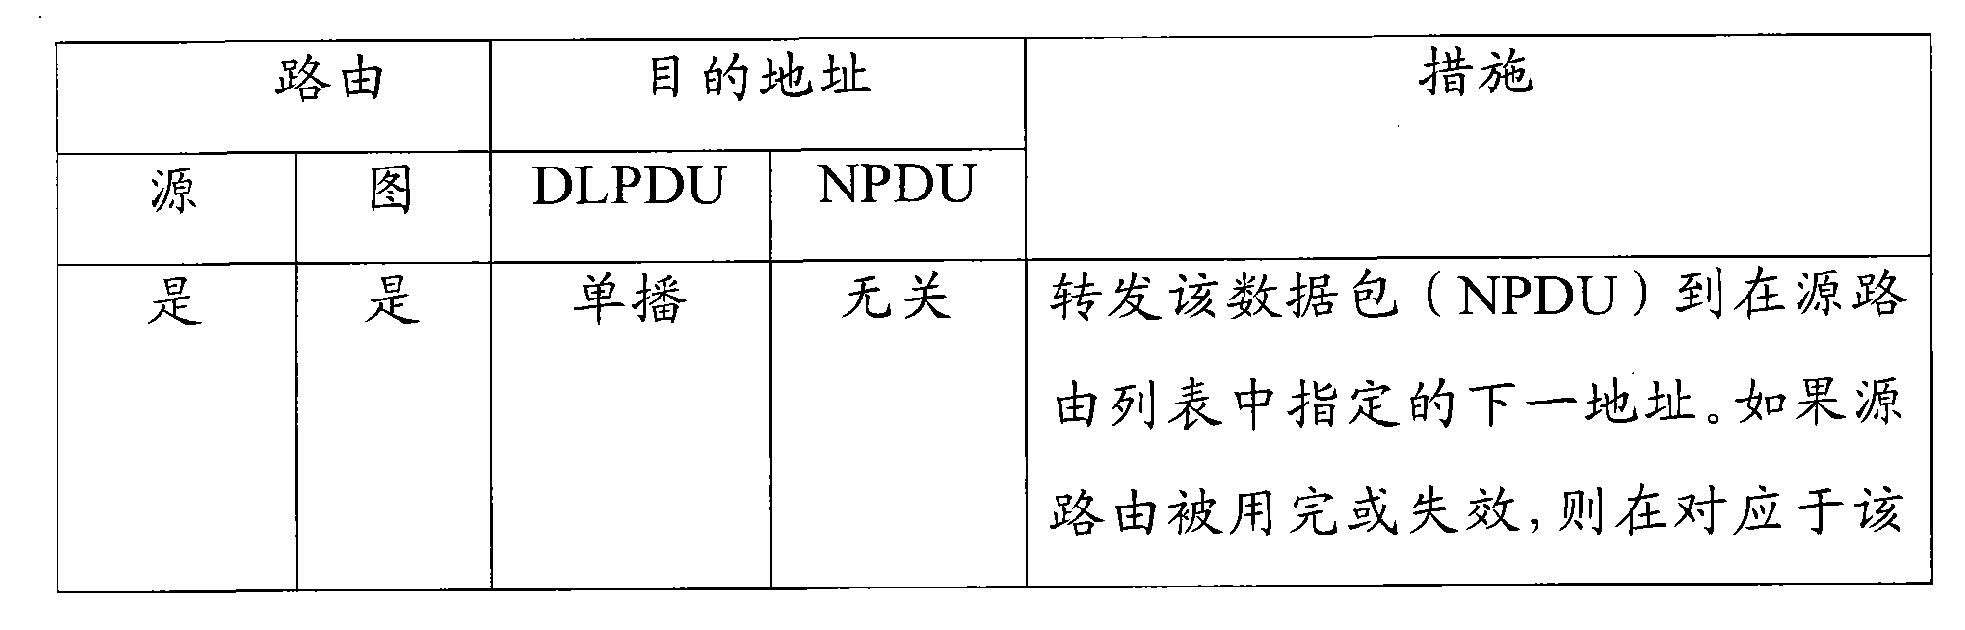 Figure CN101682535BD00281